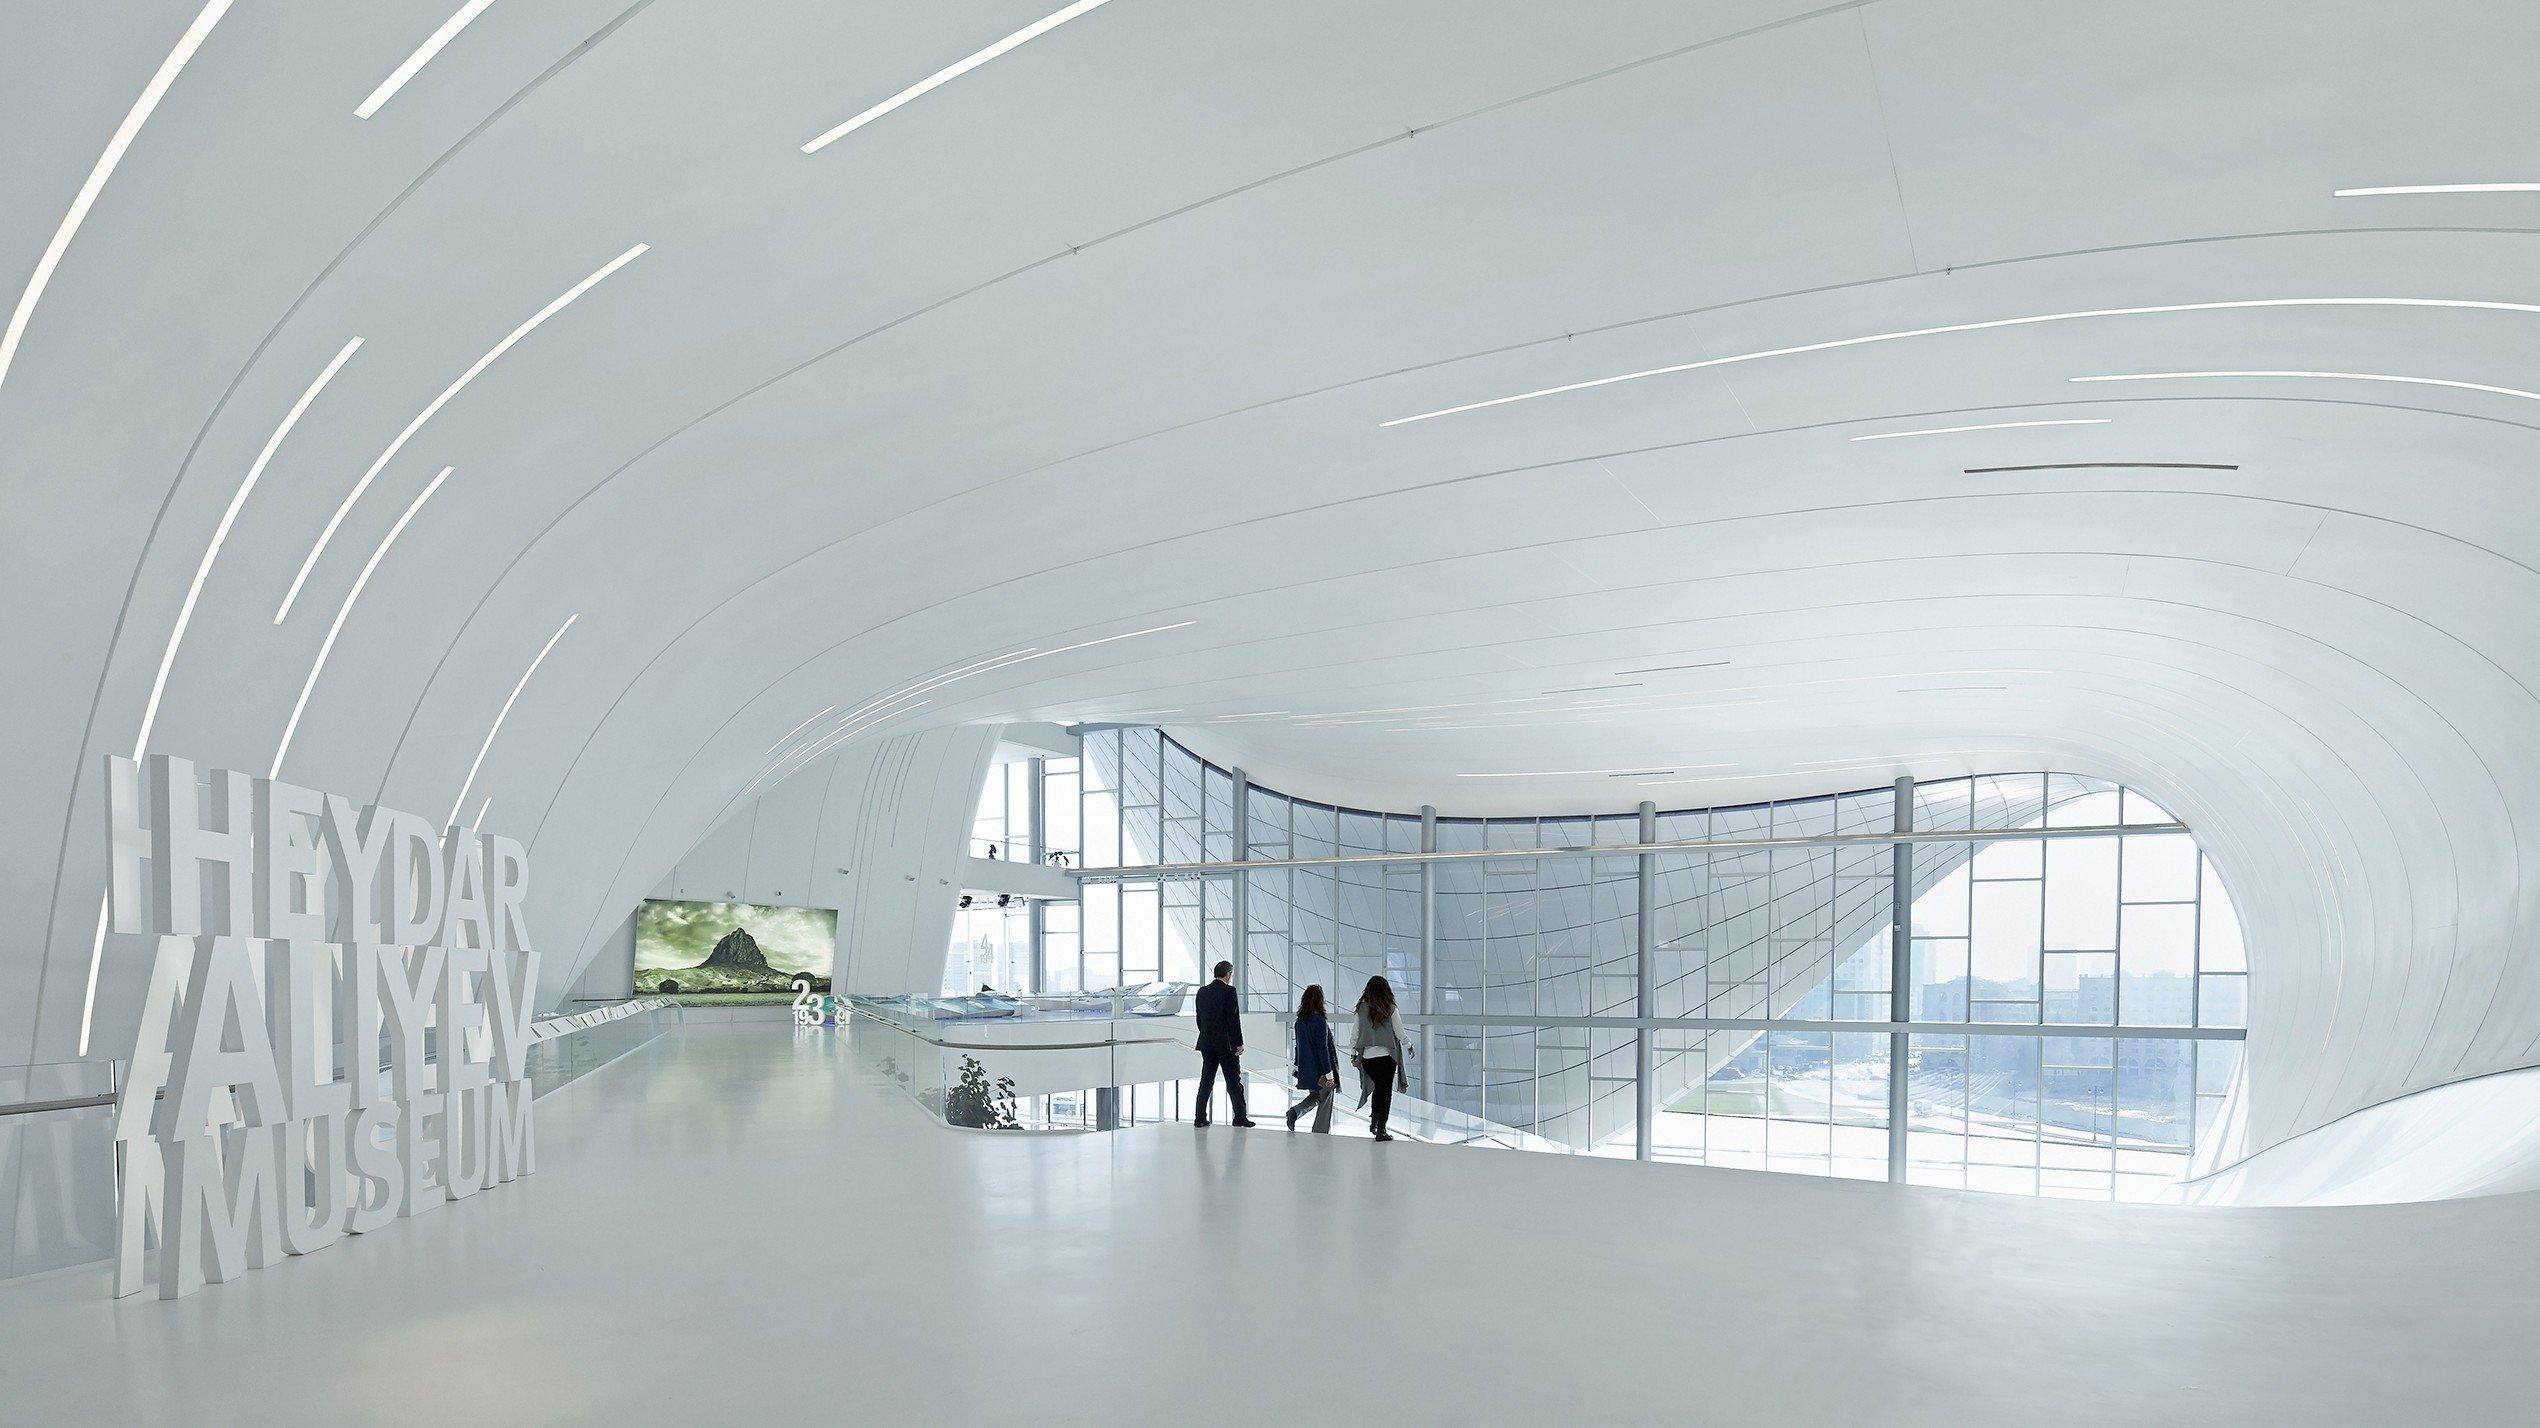 Heydar Aliyev Center Azerbeidzjan Bolidtop 525